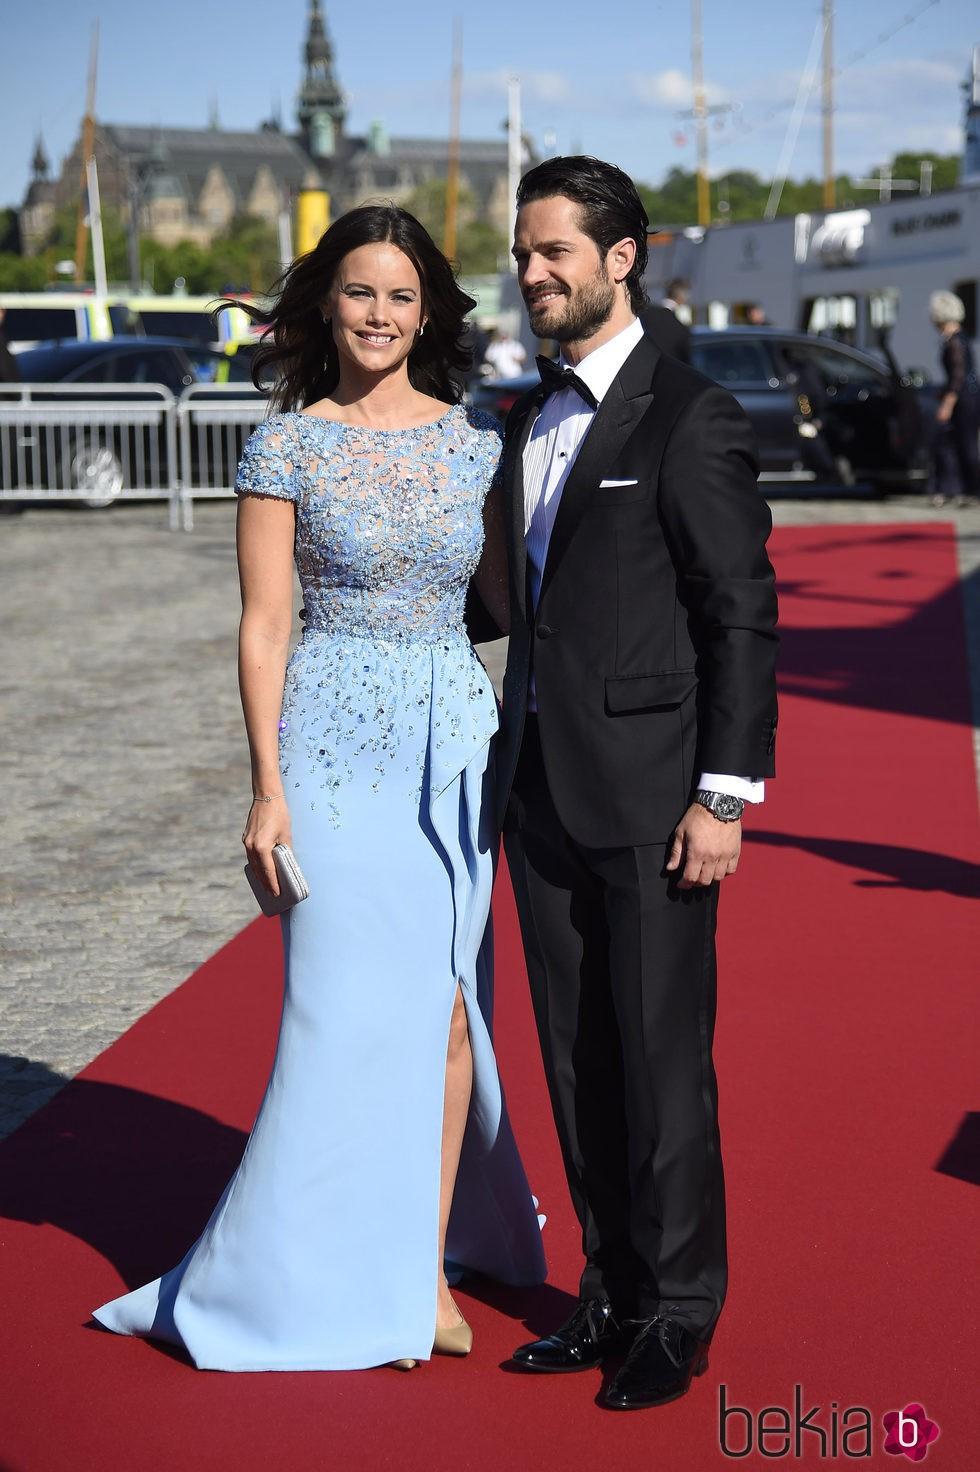 Carlos Felipe de Suecia y Sofia Hellqvist en la cena de gala previa a su boda